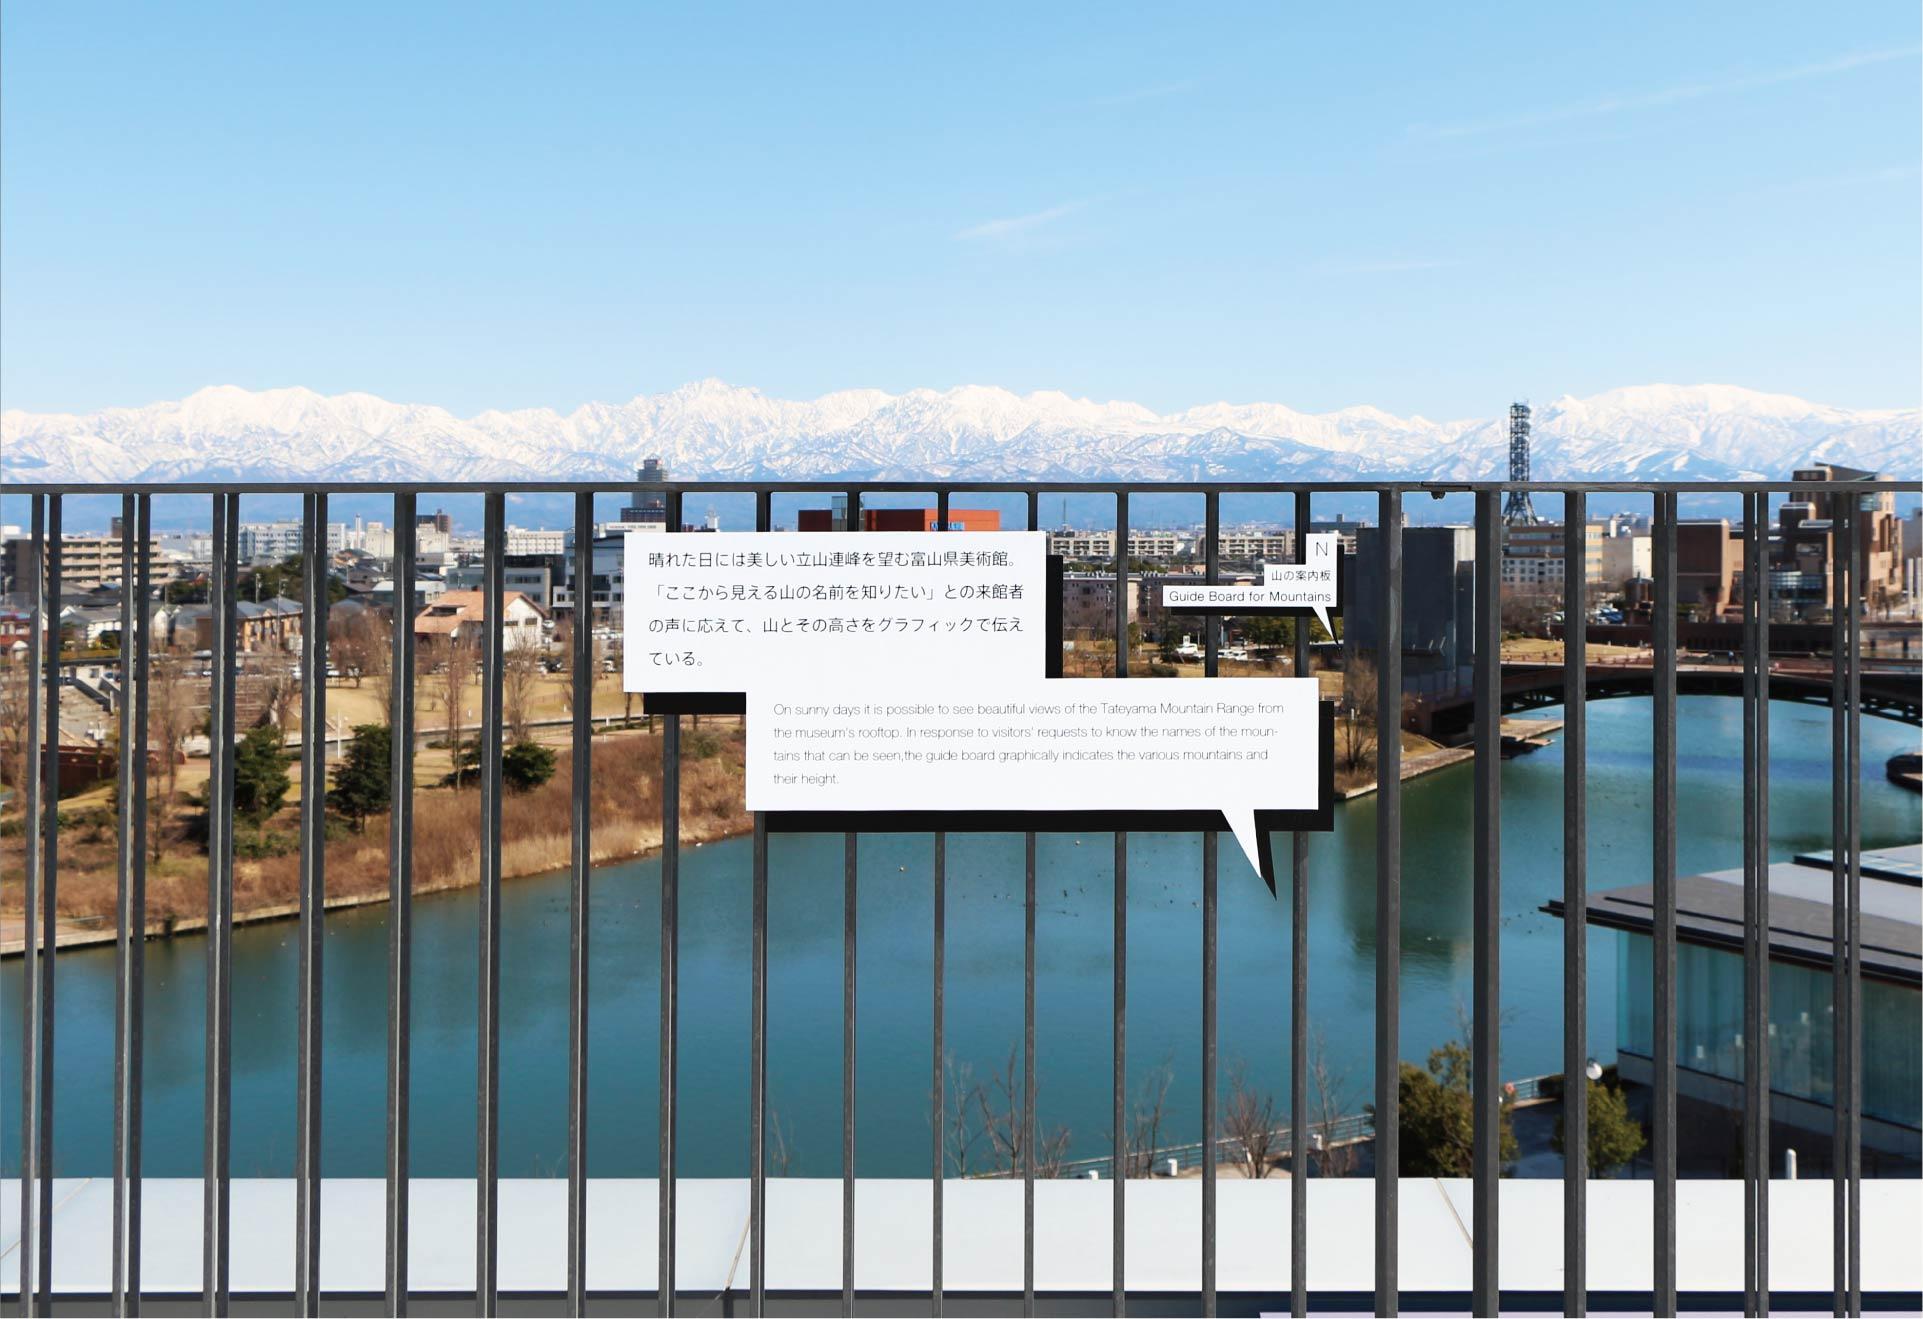 富山県美術館企画展「わたしはどこにいる? 道標(サイン)をめぐるアートとデザイン」